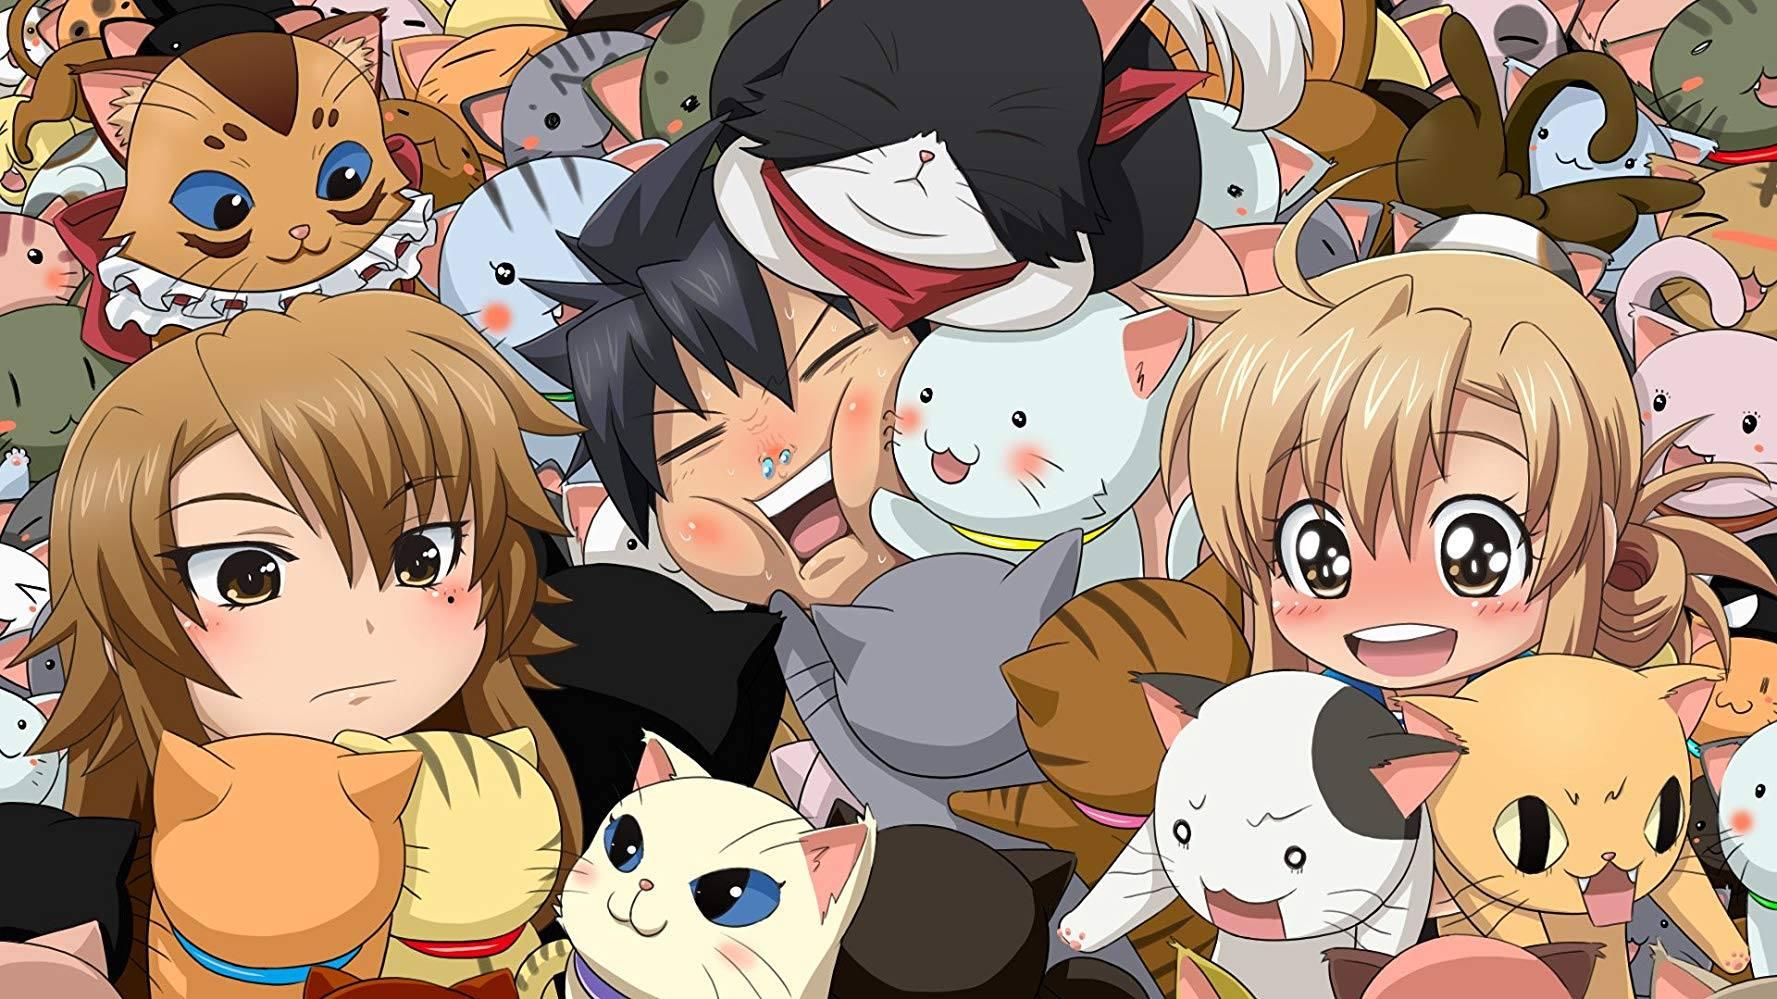 Lørdag 16 marts 2018 - Anime Kita - Fastelavn